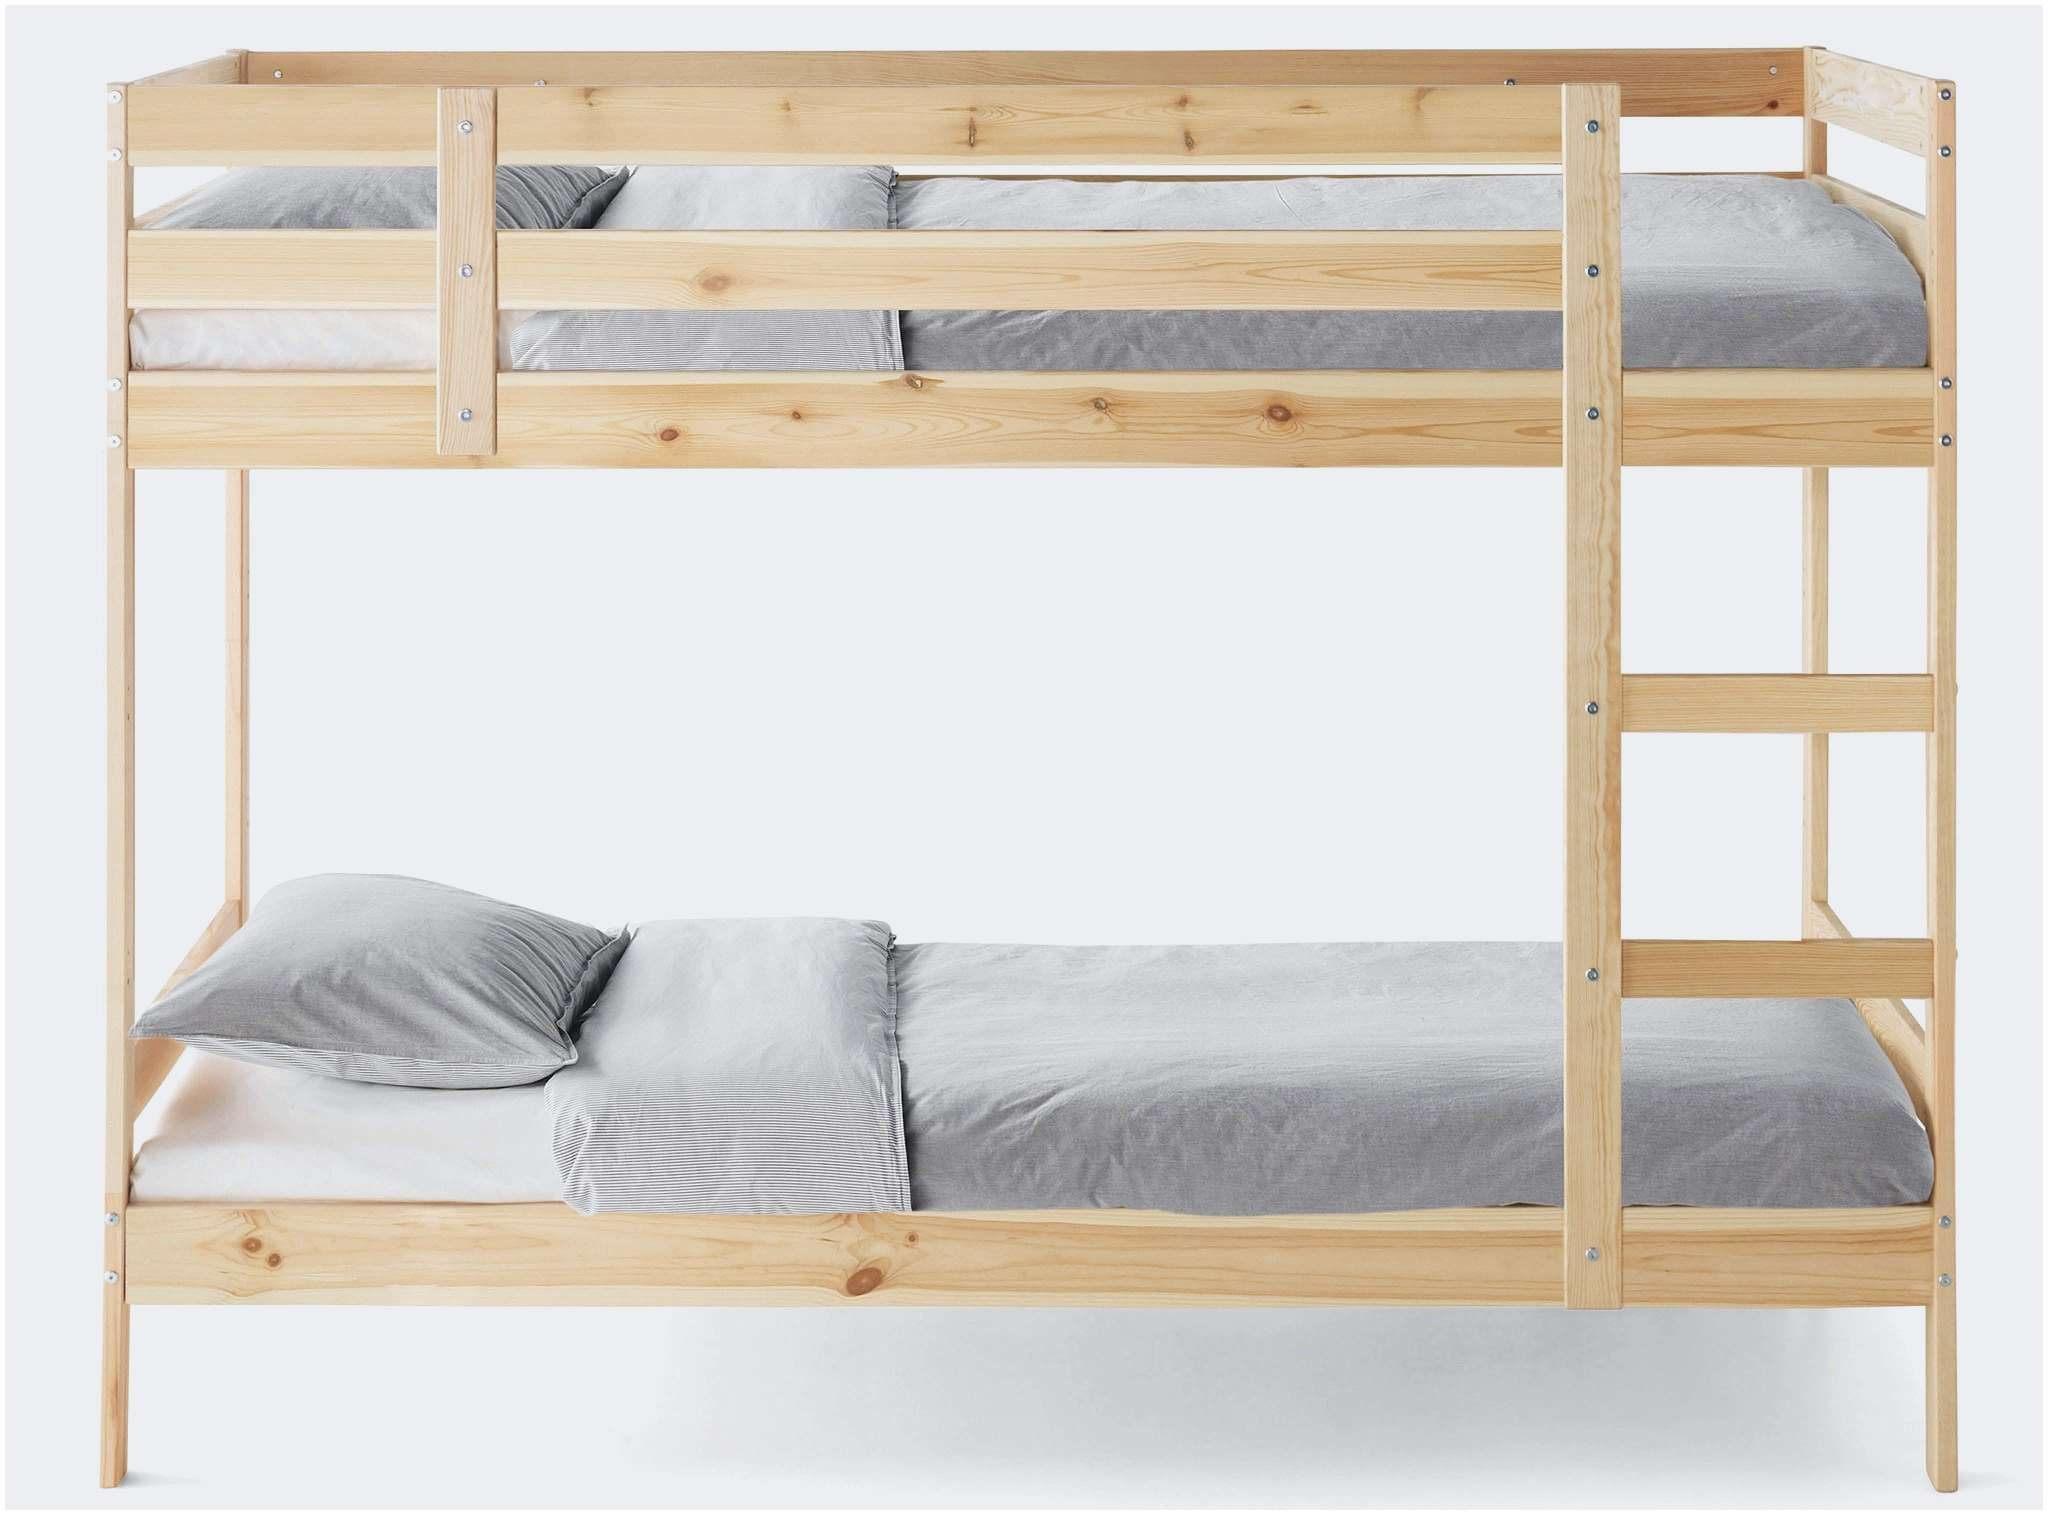 Lit Superposé Gigogne Luxe Nouveau Lits Superposés Adultes Ikea Pour Sélection Canapé Lit